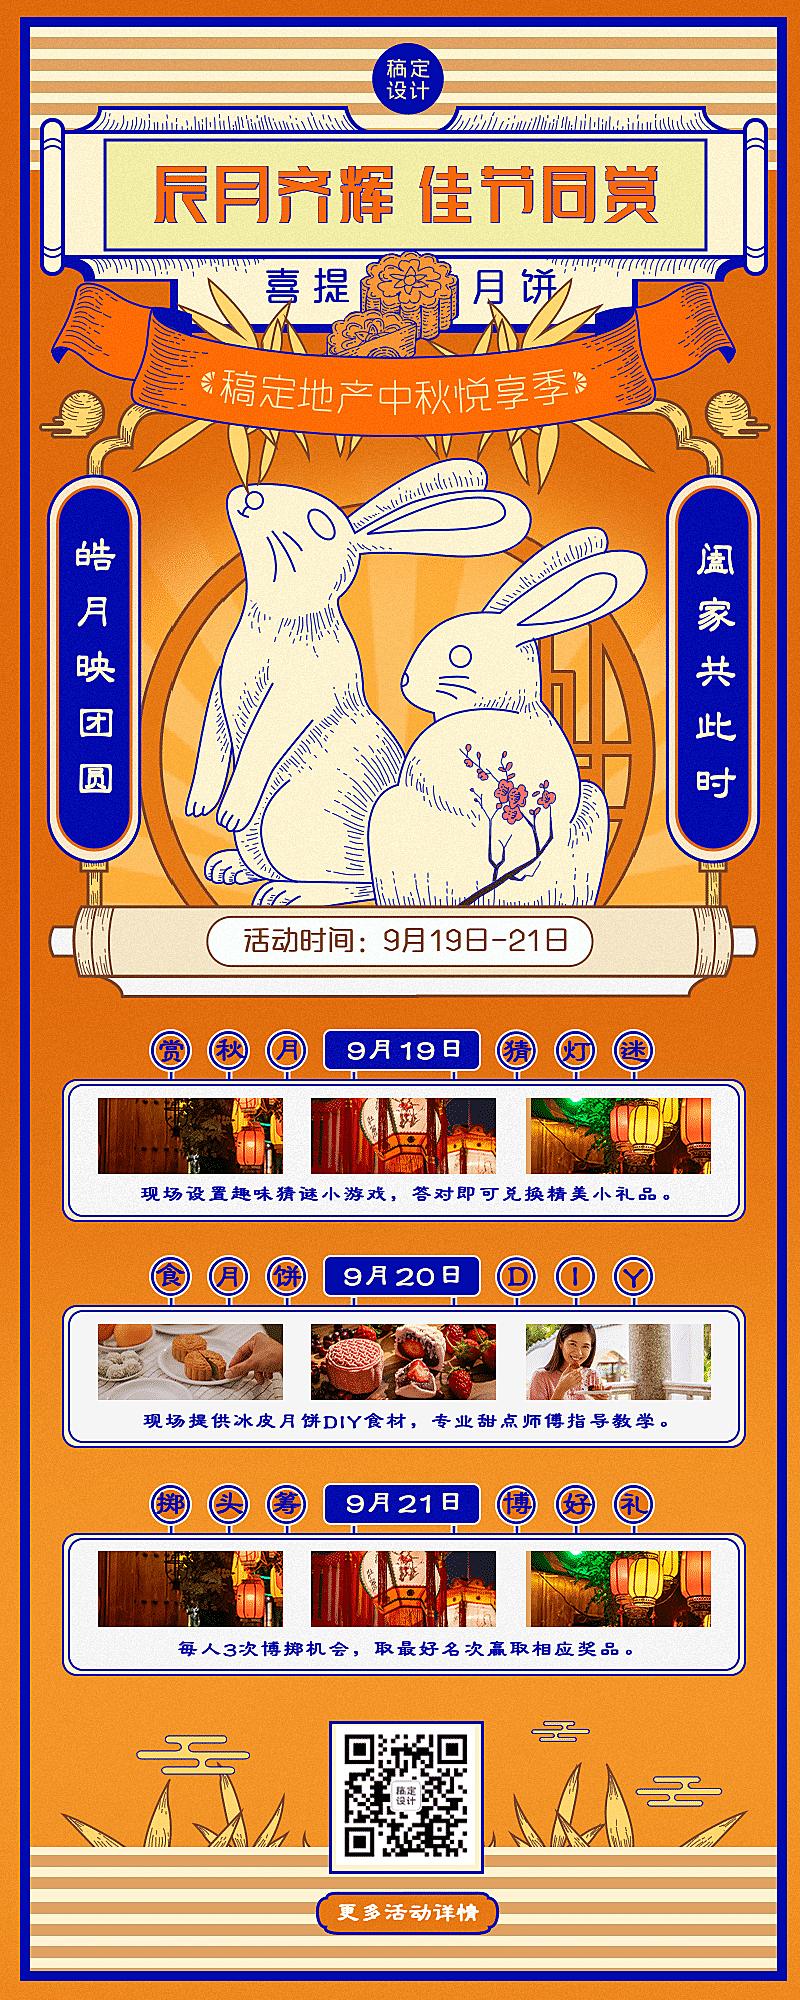 房地产中秋节活动营销长图海报